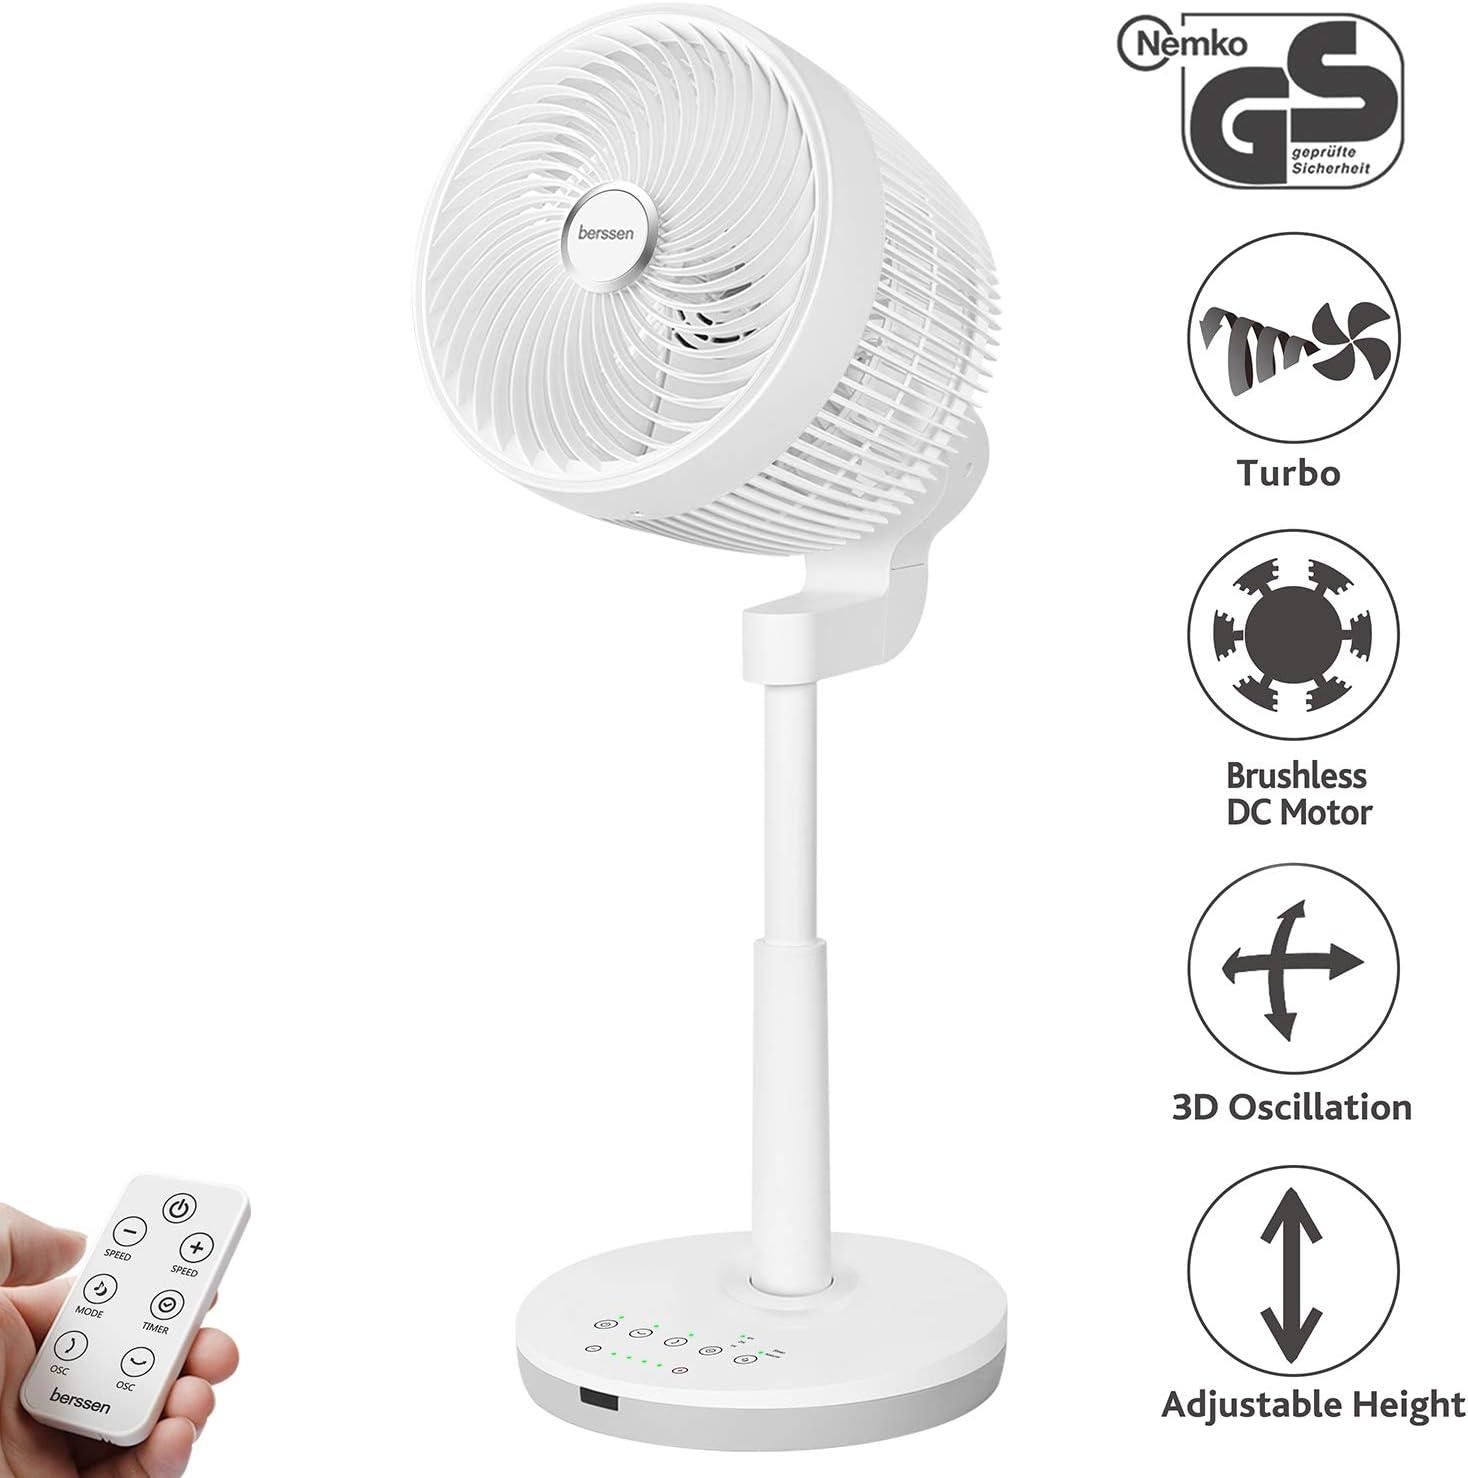 berssen Ventilador Ventilador de Pie silenciosa con mando a distancia Turbo y tecnología DC Motor 30W